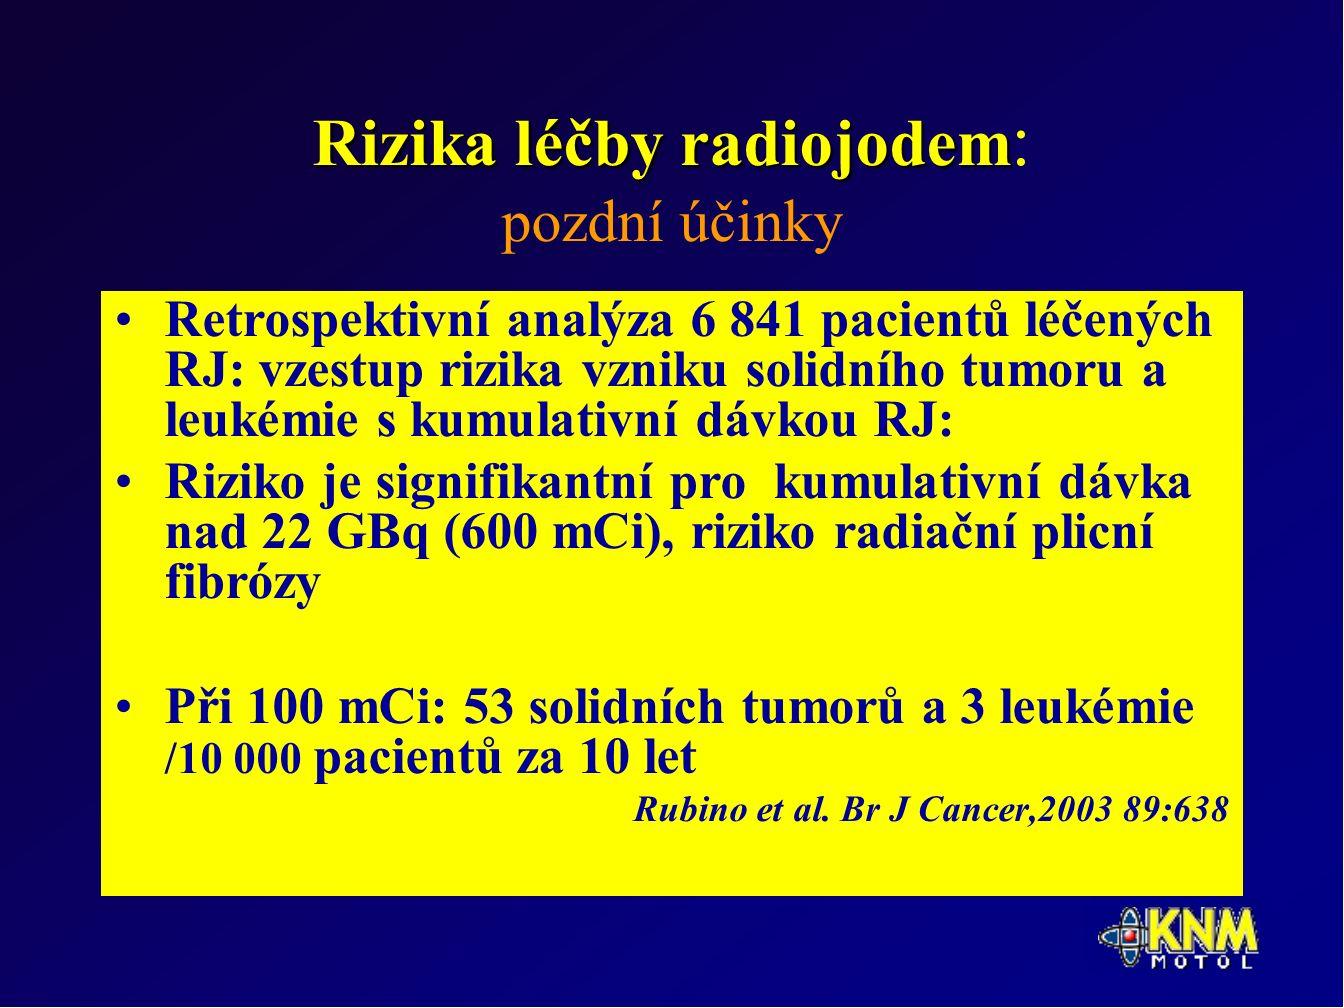 Rizika léčby radiojodem Rizika léčby radiojodem : pozdní účinky Retrospektivní analýza 6 841 pacientů léčených RJ: vzestup rizika vzniku solidního tumoru a leukémie s kumulativní dávkou RJ: Riziko je signifikantní pro kumulativní dávka nad 22 GBq (600 mCi), riziko radiační plicní fibrózy Při 100 mCi: 53 solidních tumorů a 3 leukémie /10 000 pacientů za 10 let Rubino et al.